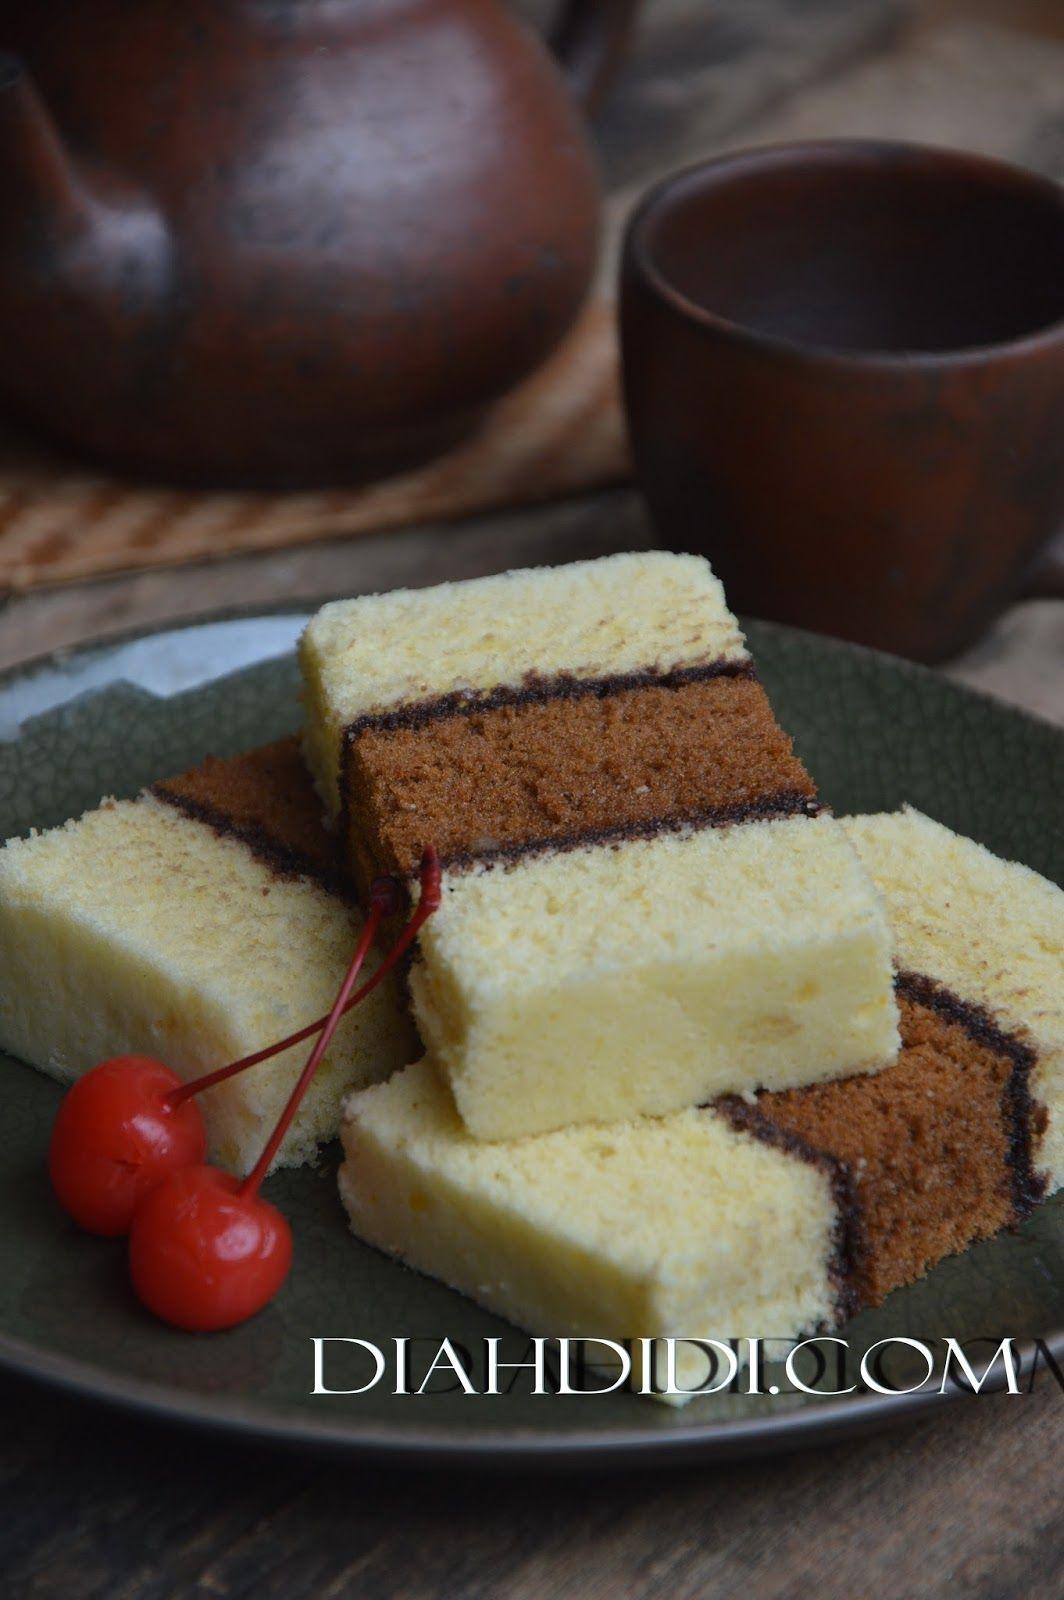 Blog Diah Didi Berisi Resep Masakan Praktis Yang Mudah Dipraktekkan Di Rumah Resep Masakan Makanan Makanan Manis